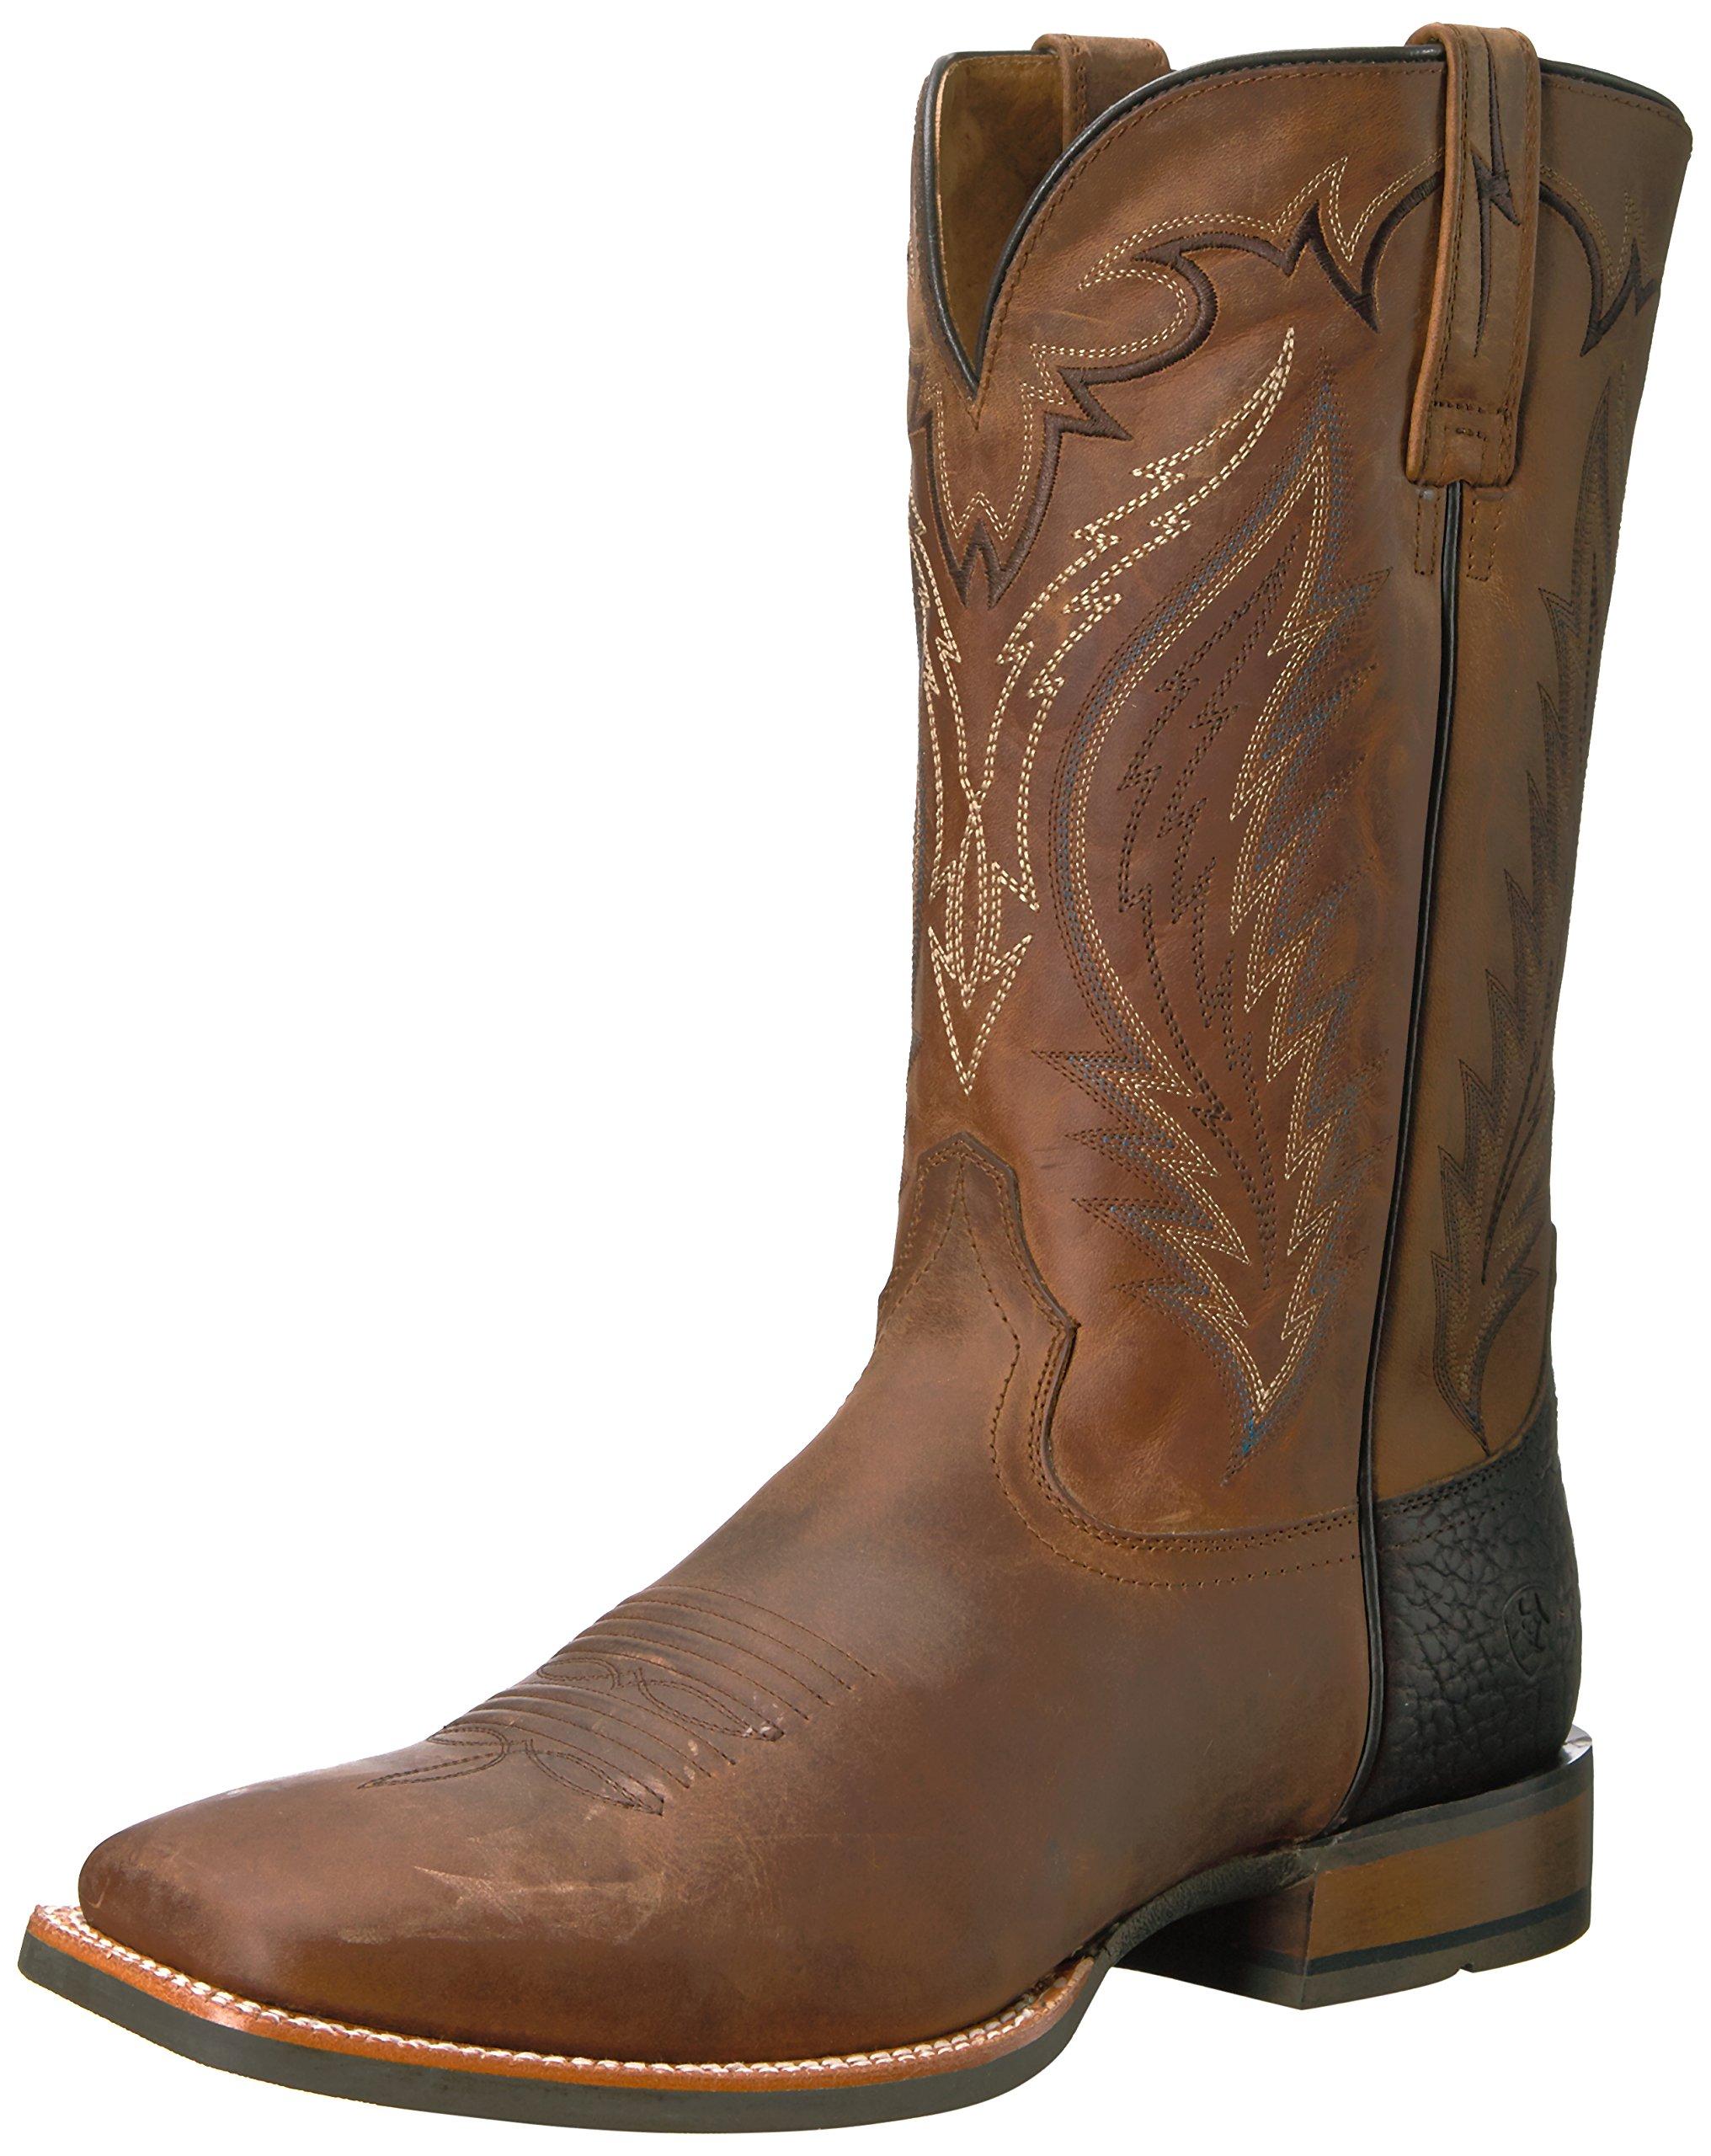 Ariat Men's Top Hand Work Boot, Trusty Tan, 11 D US